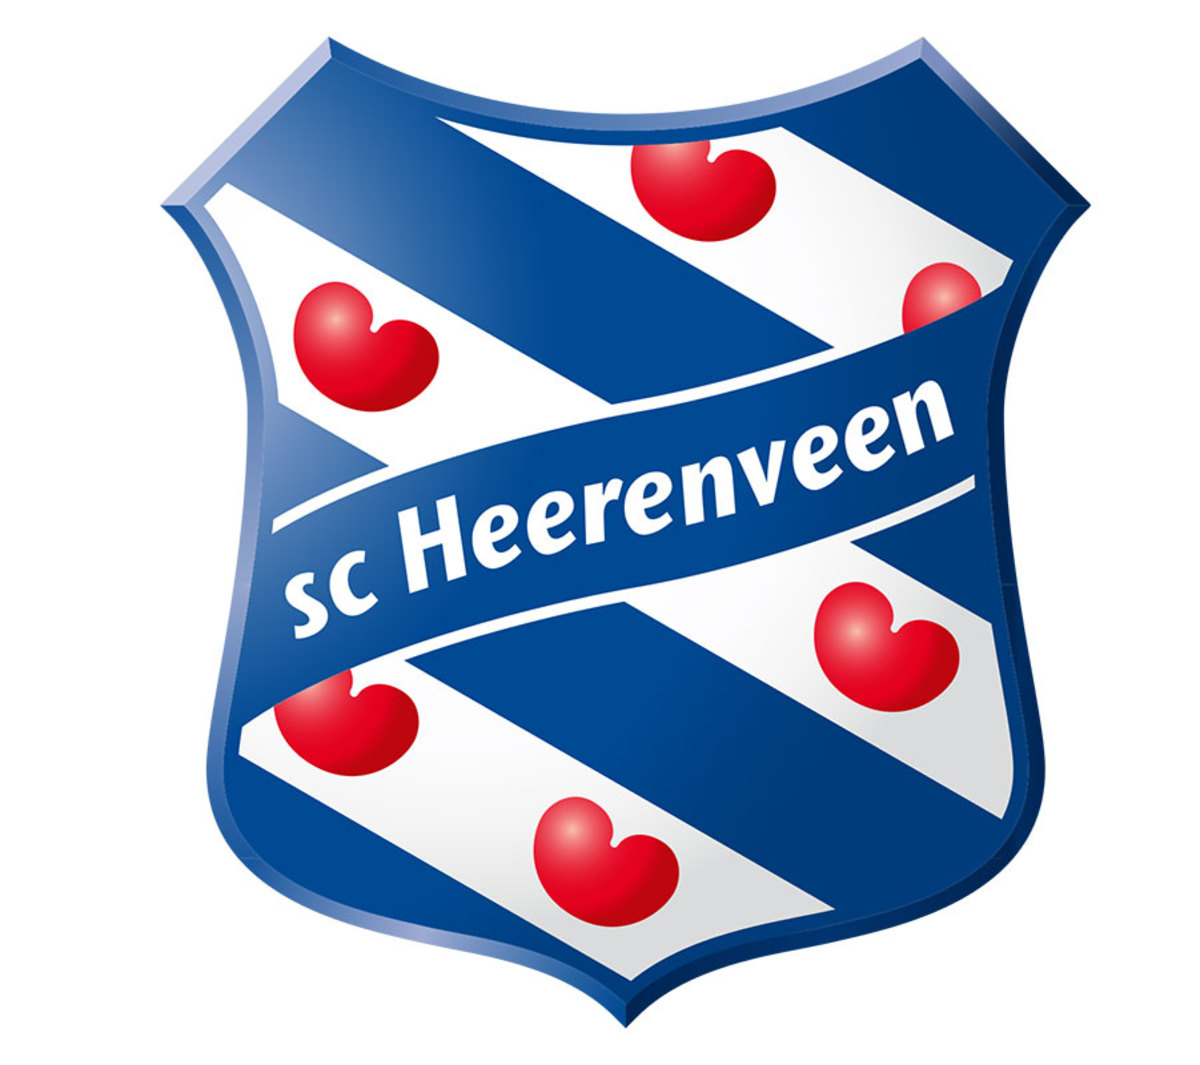 Heerenveen-Crest